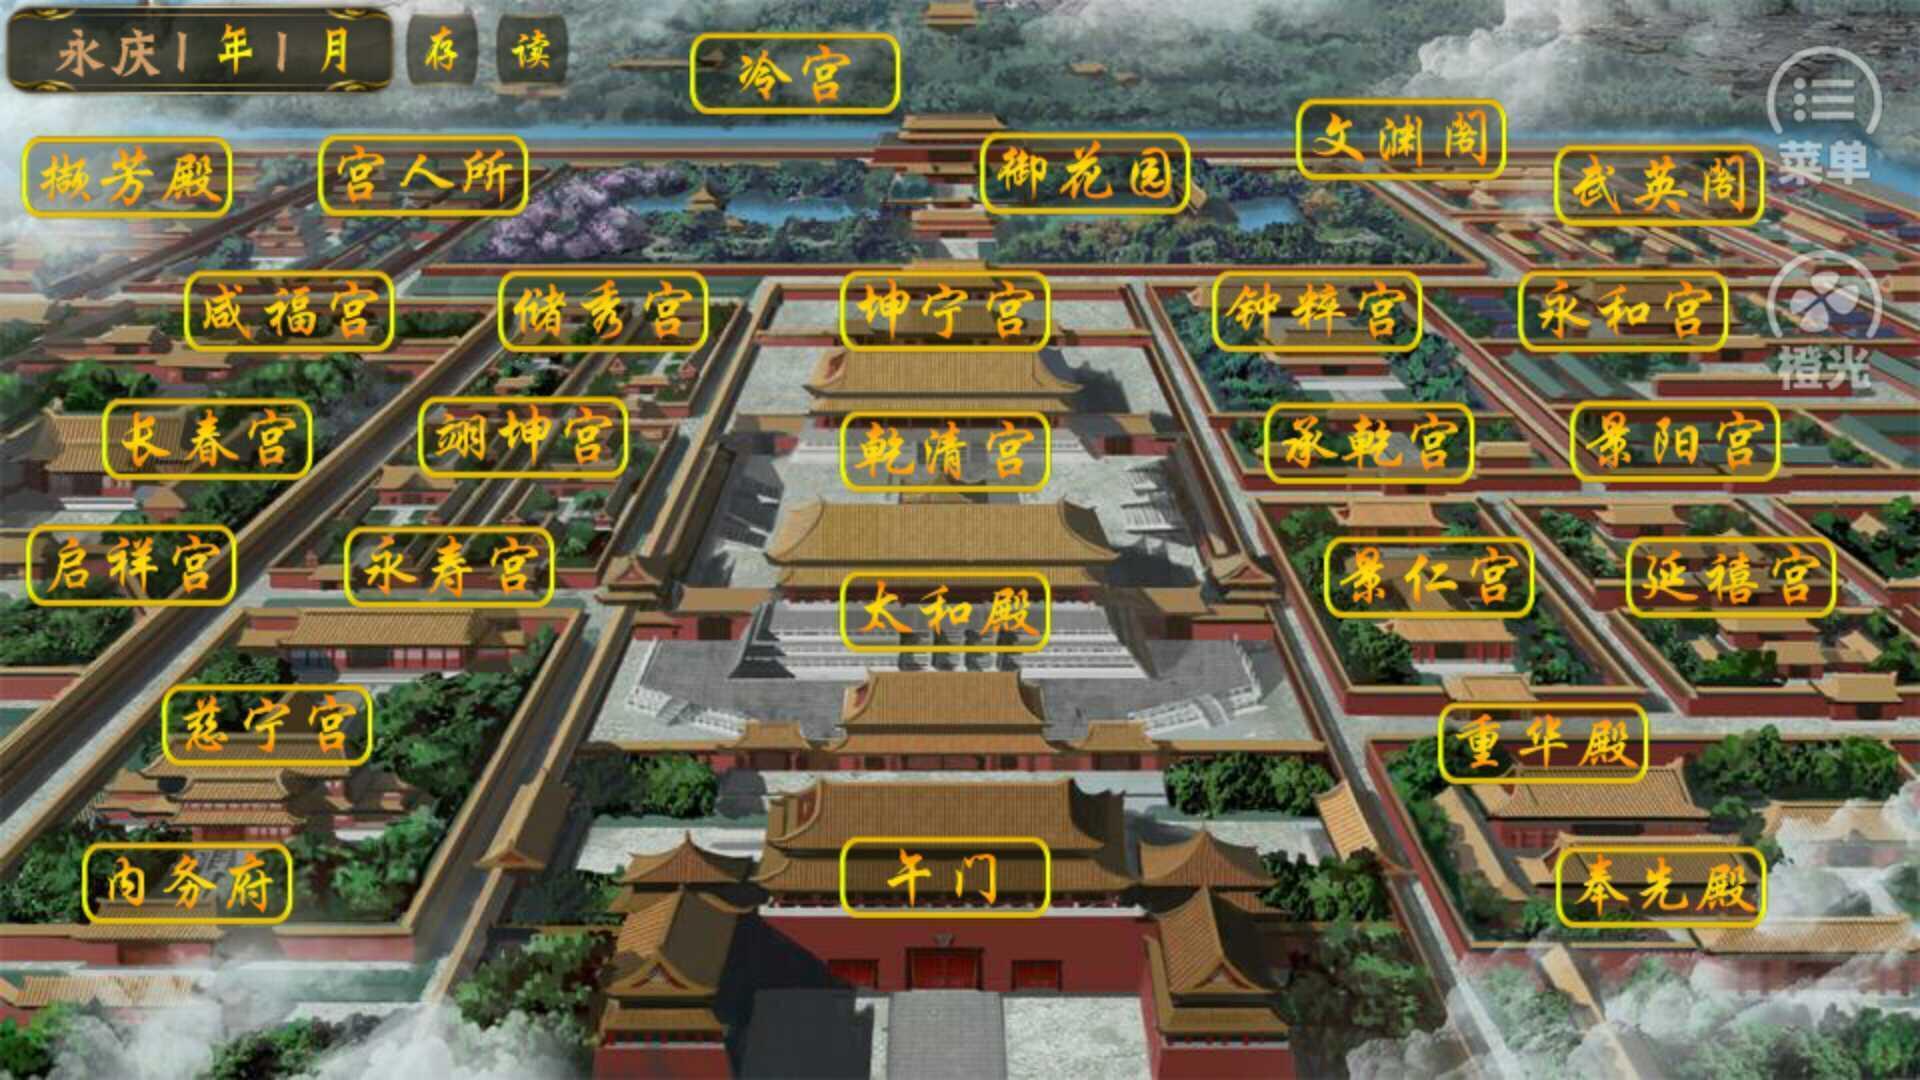 皇帝之大清后宫破解版图3